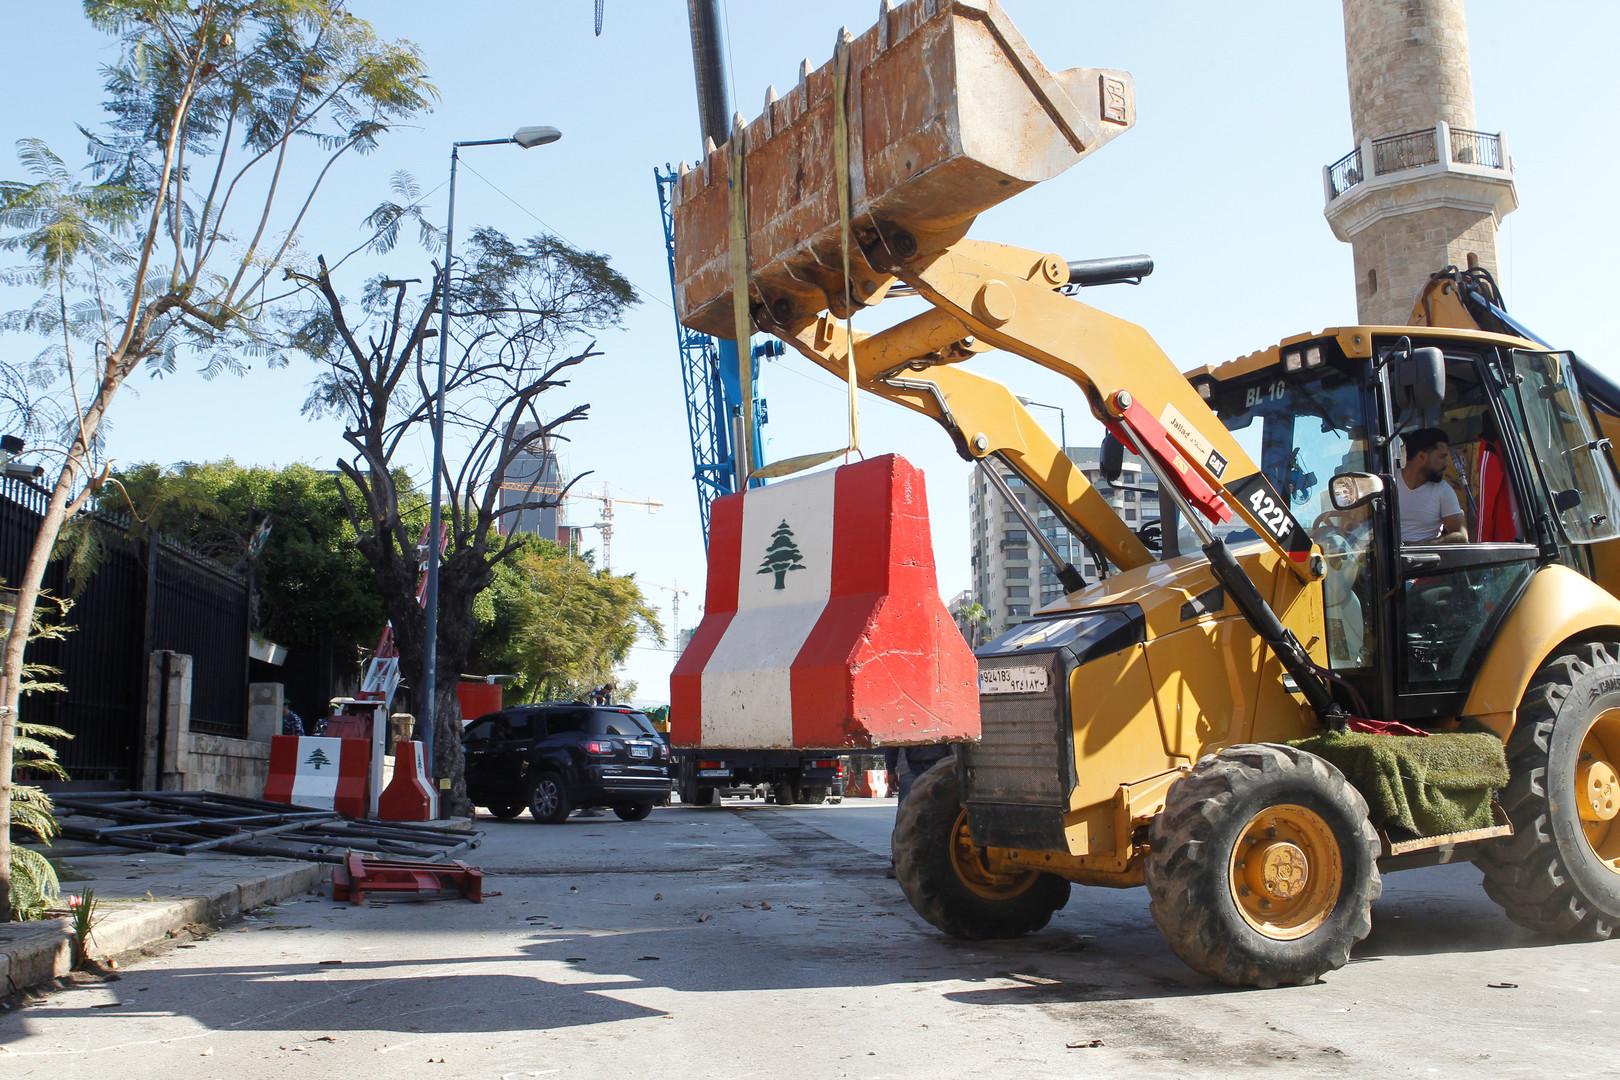 الداخلية اللبنانية تزيل حواجز أمنية خنقت المرور لسنوات في